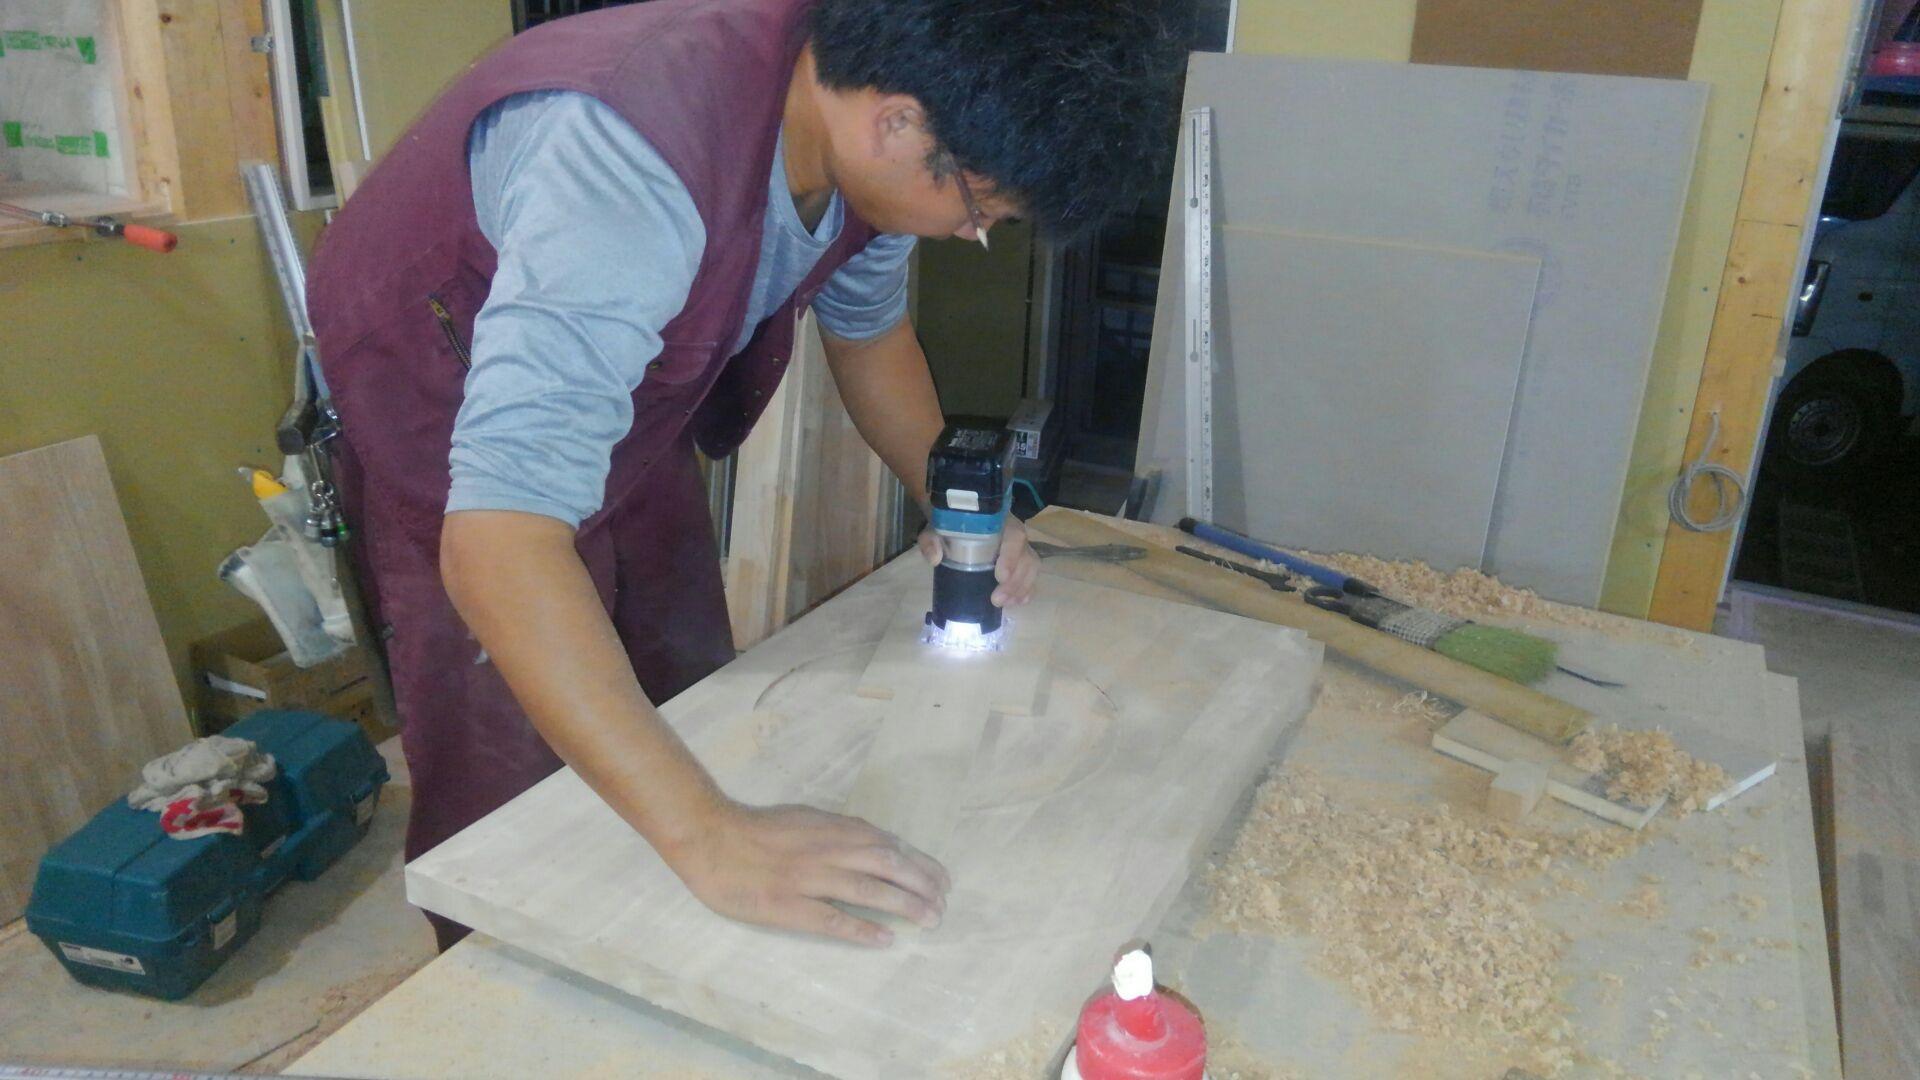 大工さん、トイレの手洗いカウンター作りをしています。